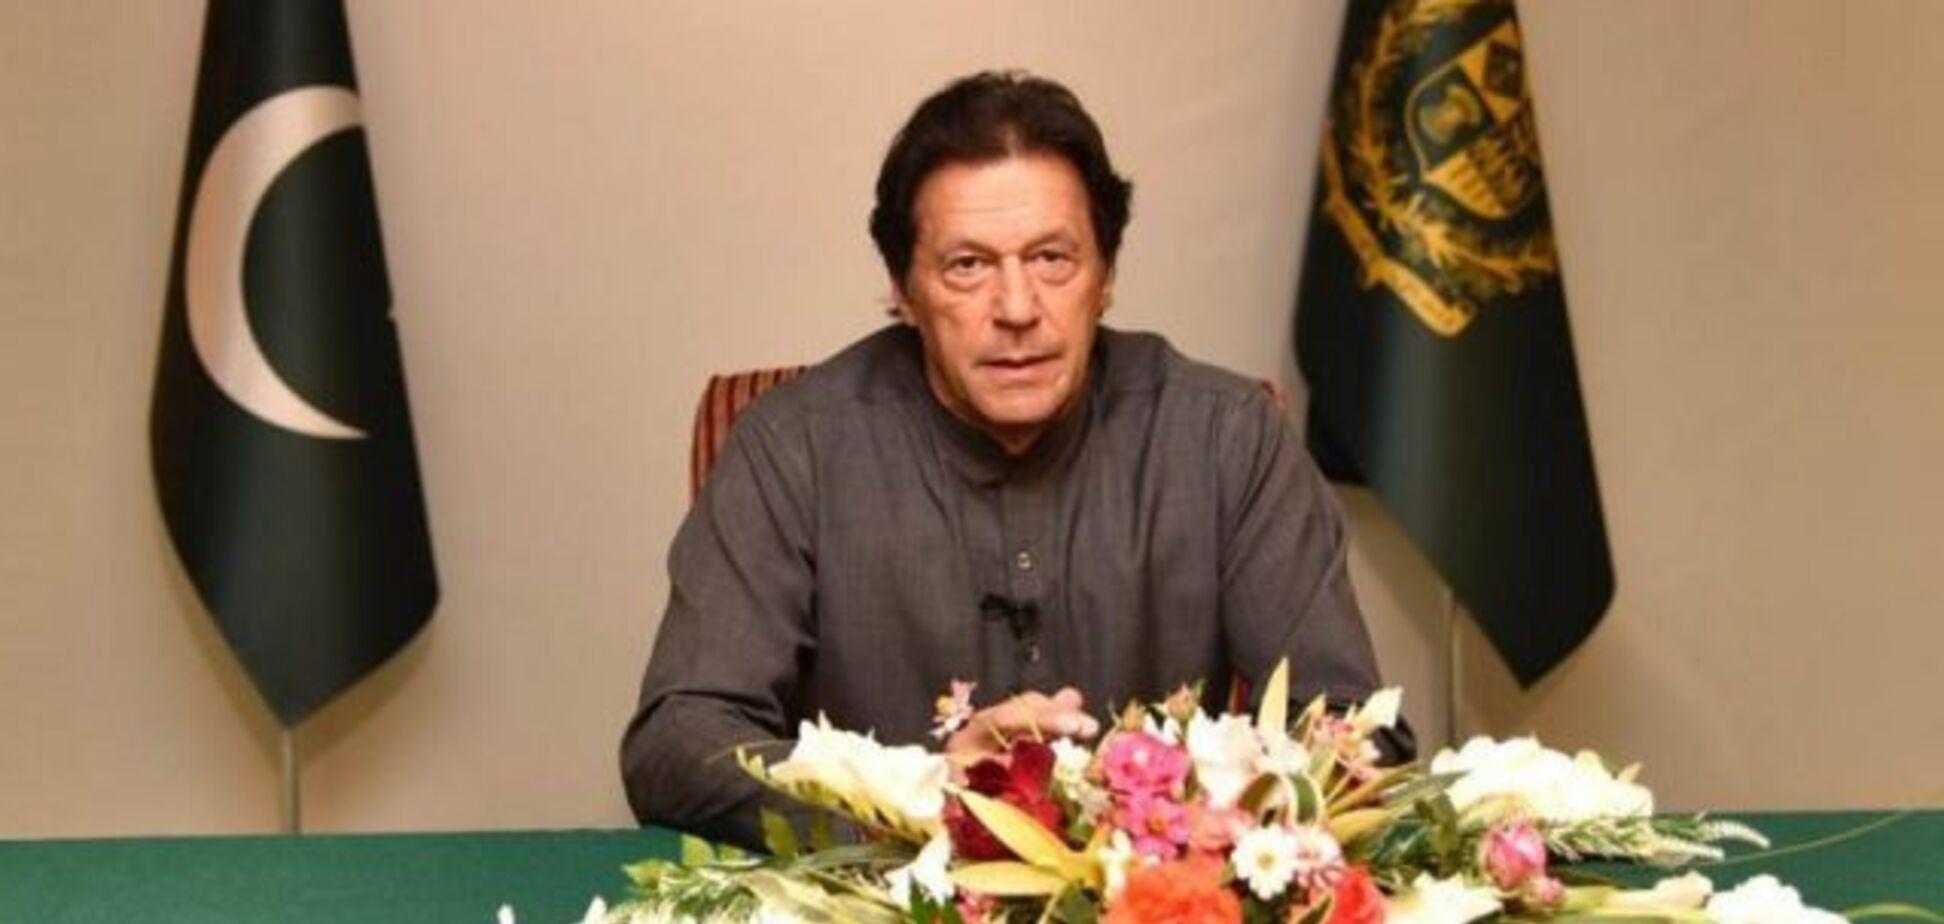 Індія привела війська у бойову готовність: прем'єр Пакистану попрохав переговорів